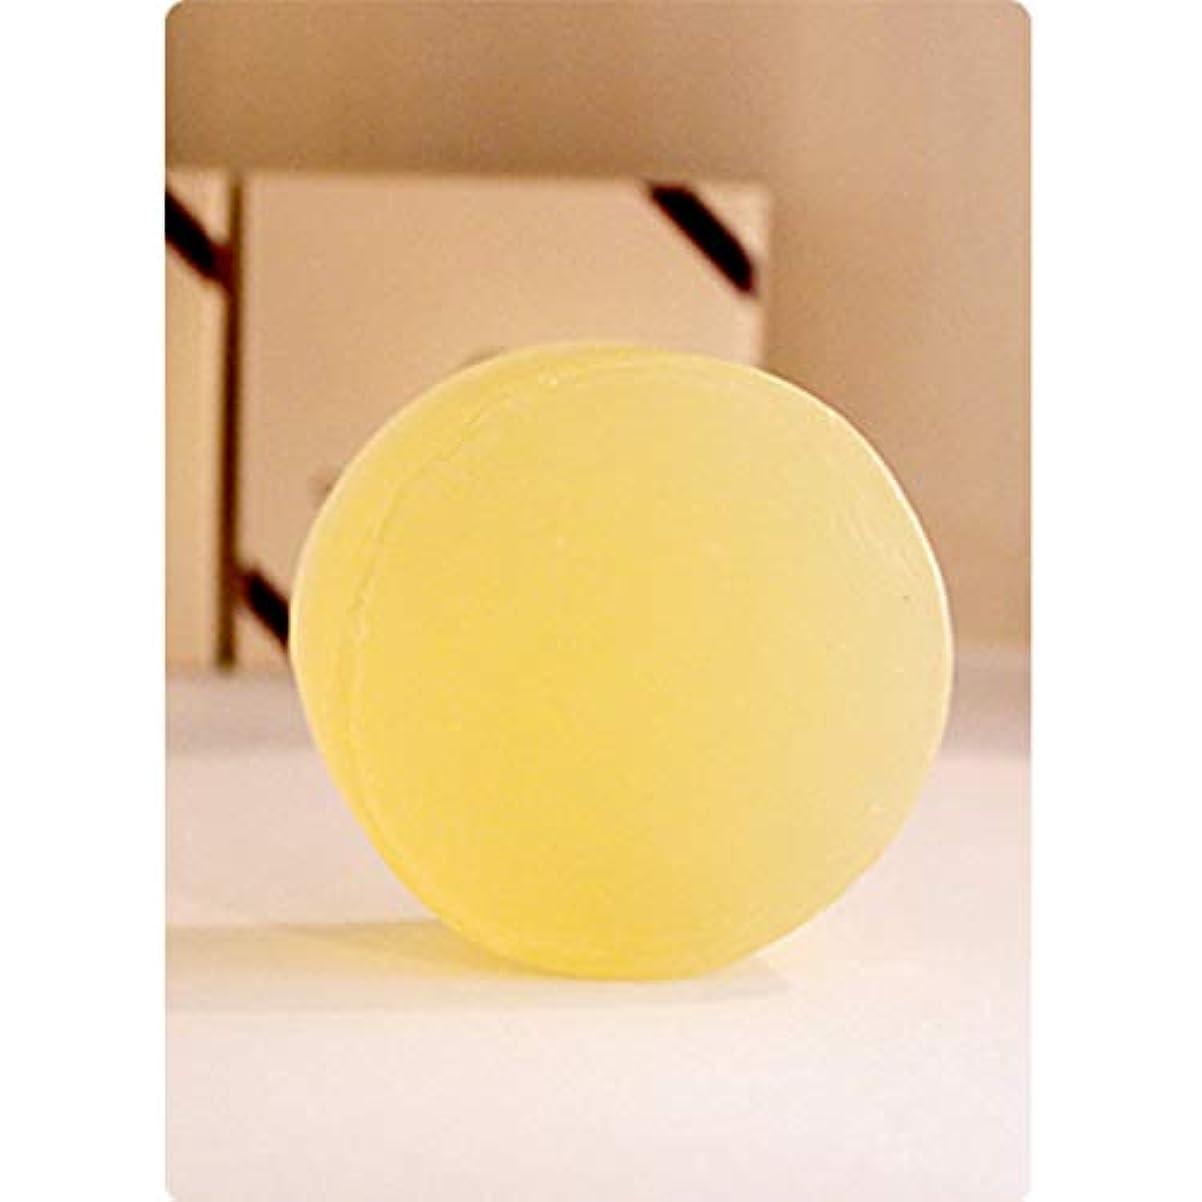 慢論争的プレミアムコラーゲンアロマソープ 80g×3本 香りよく一日の疲れを癒してくれるアロマ石鹸